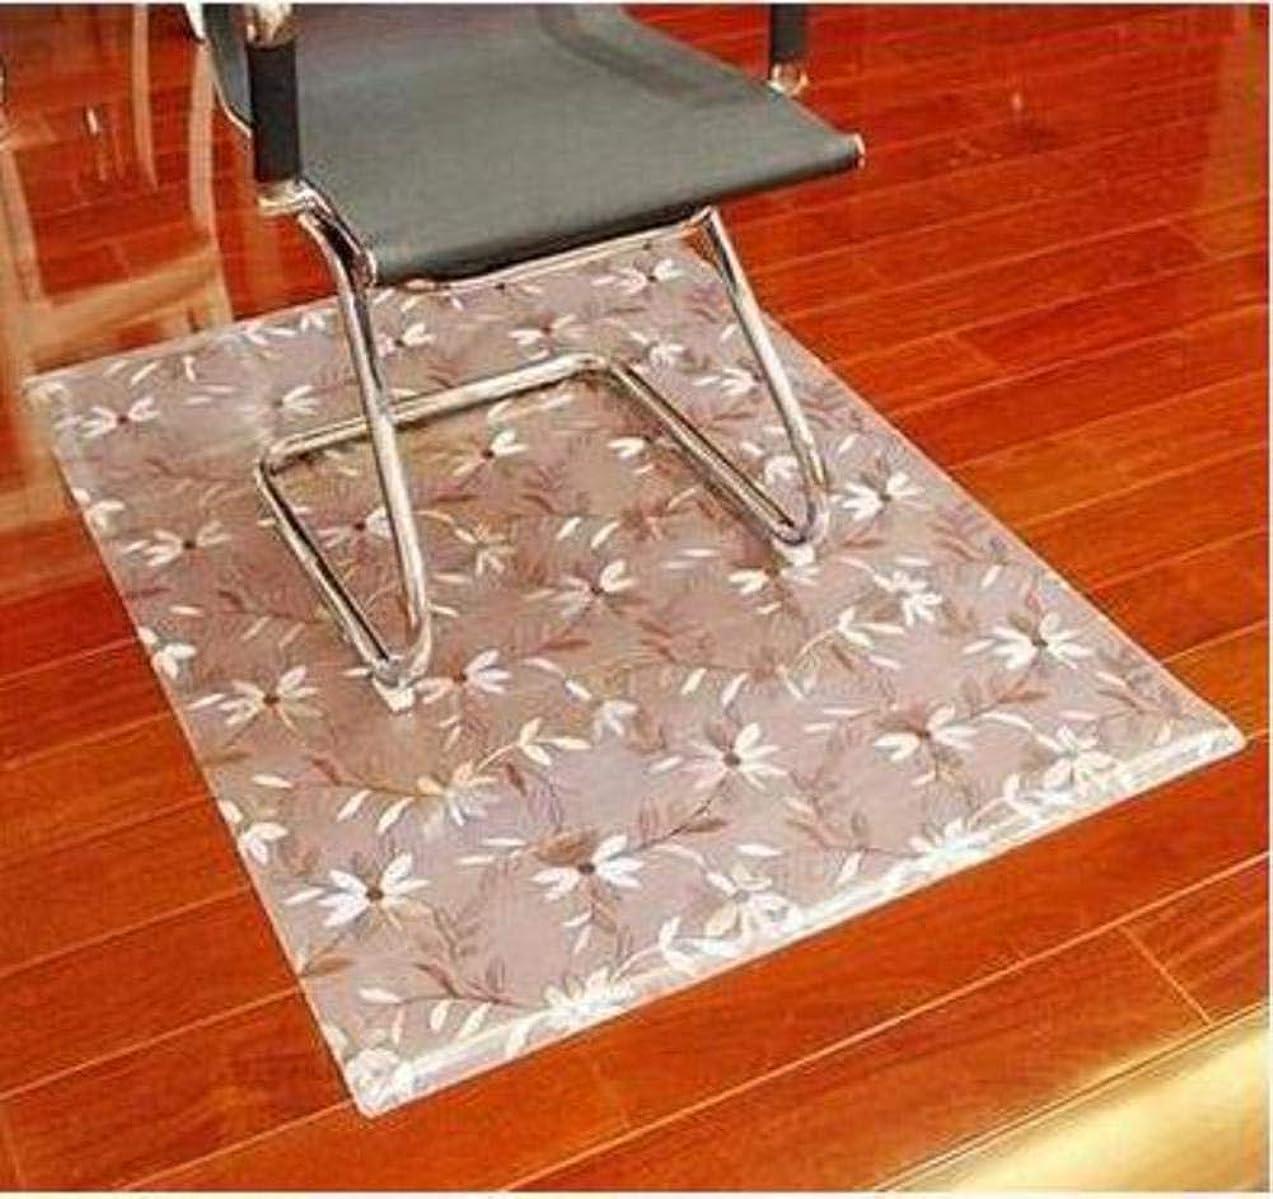 壊す正直壮大フィギュア オフィス デスク椅子マット パッド, アンチ スリップ 透明です 多目的 テーブル クロス ホーム オフィス コンピューター -A 100x120cm(39x47inch)